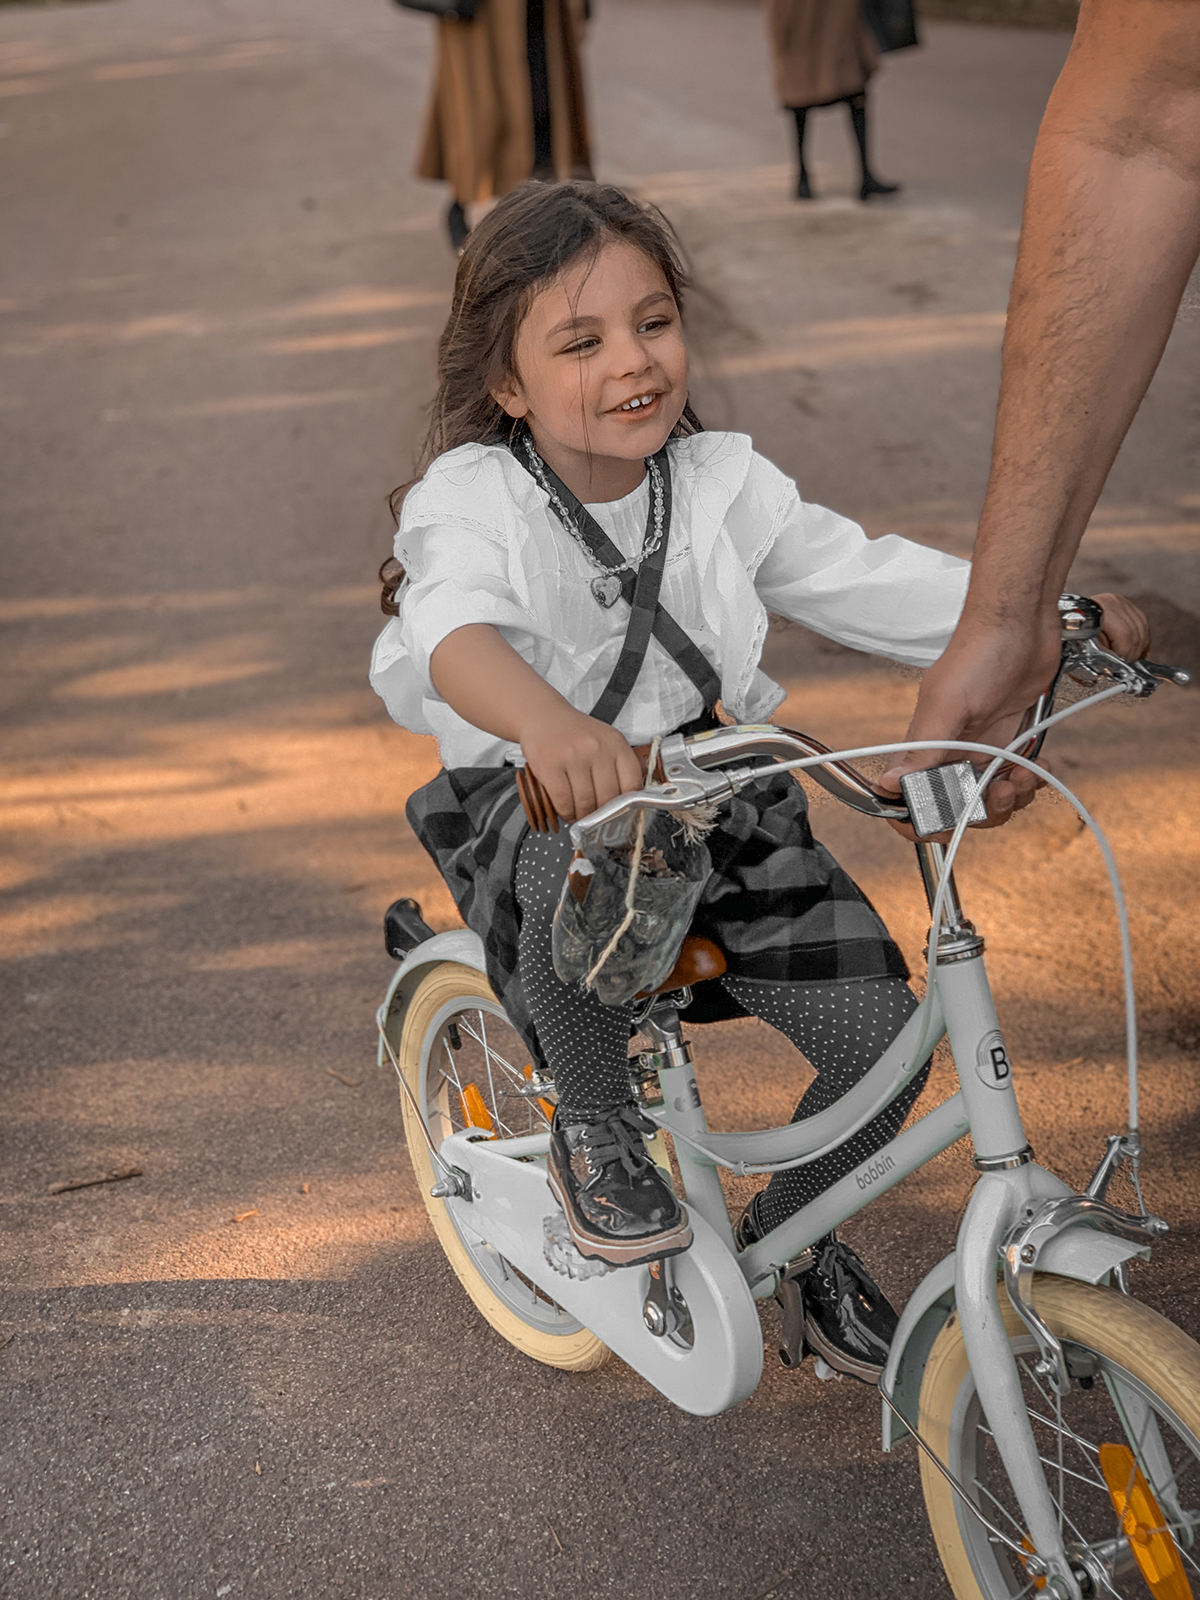 Romy sur son vélo. Papa aide au démarrage